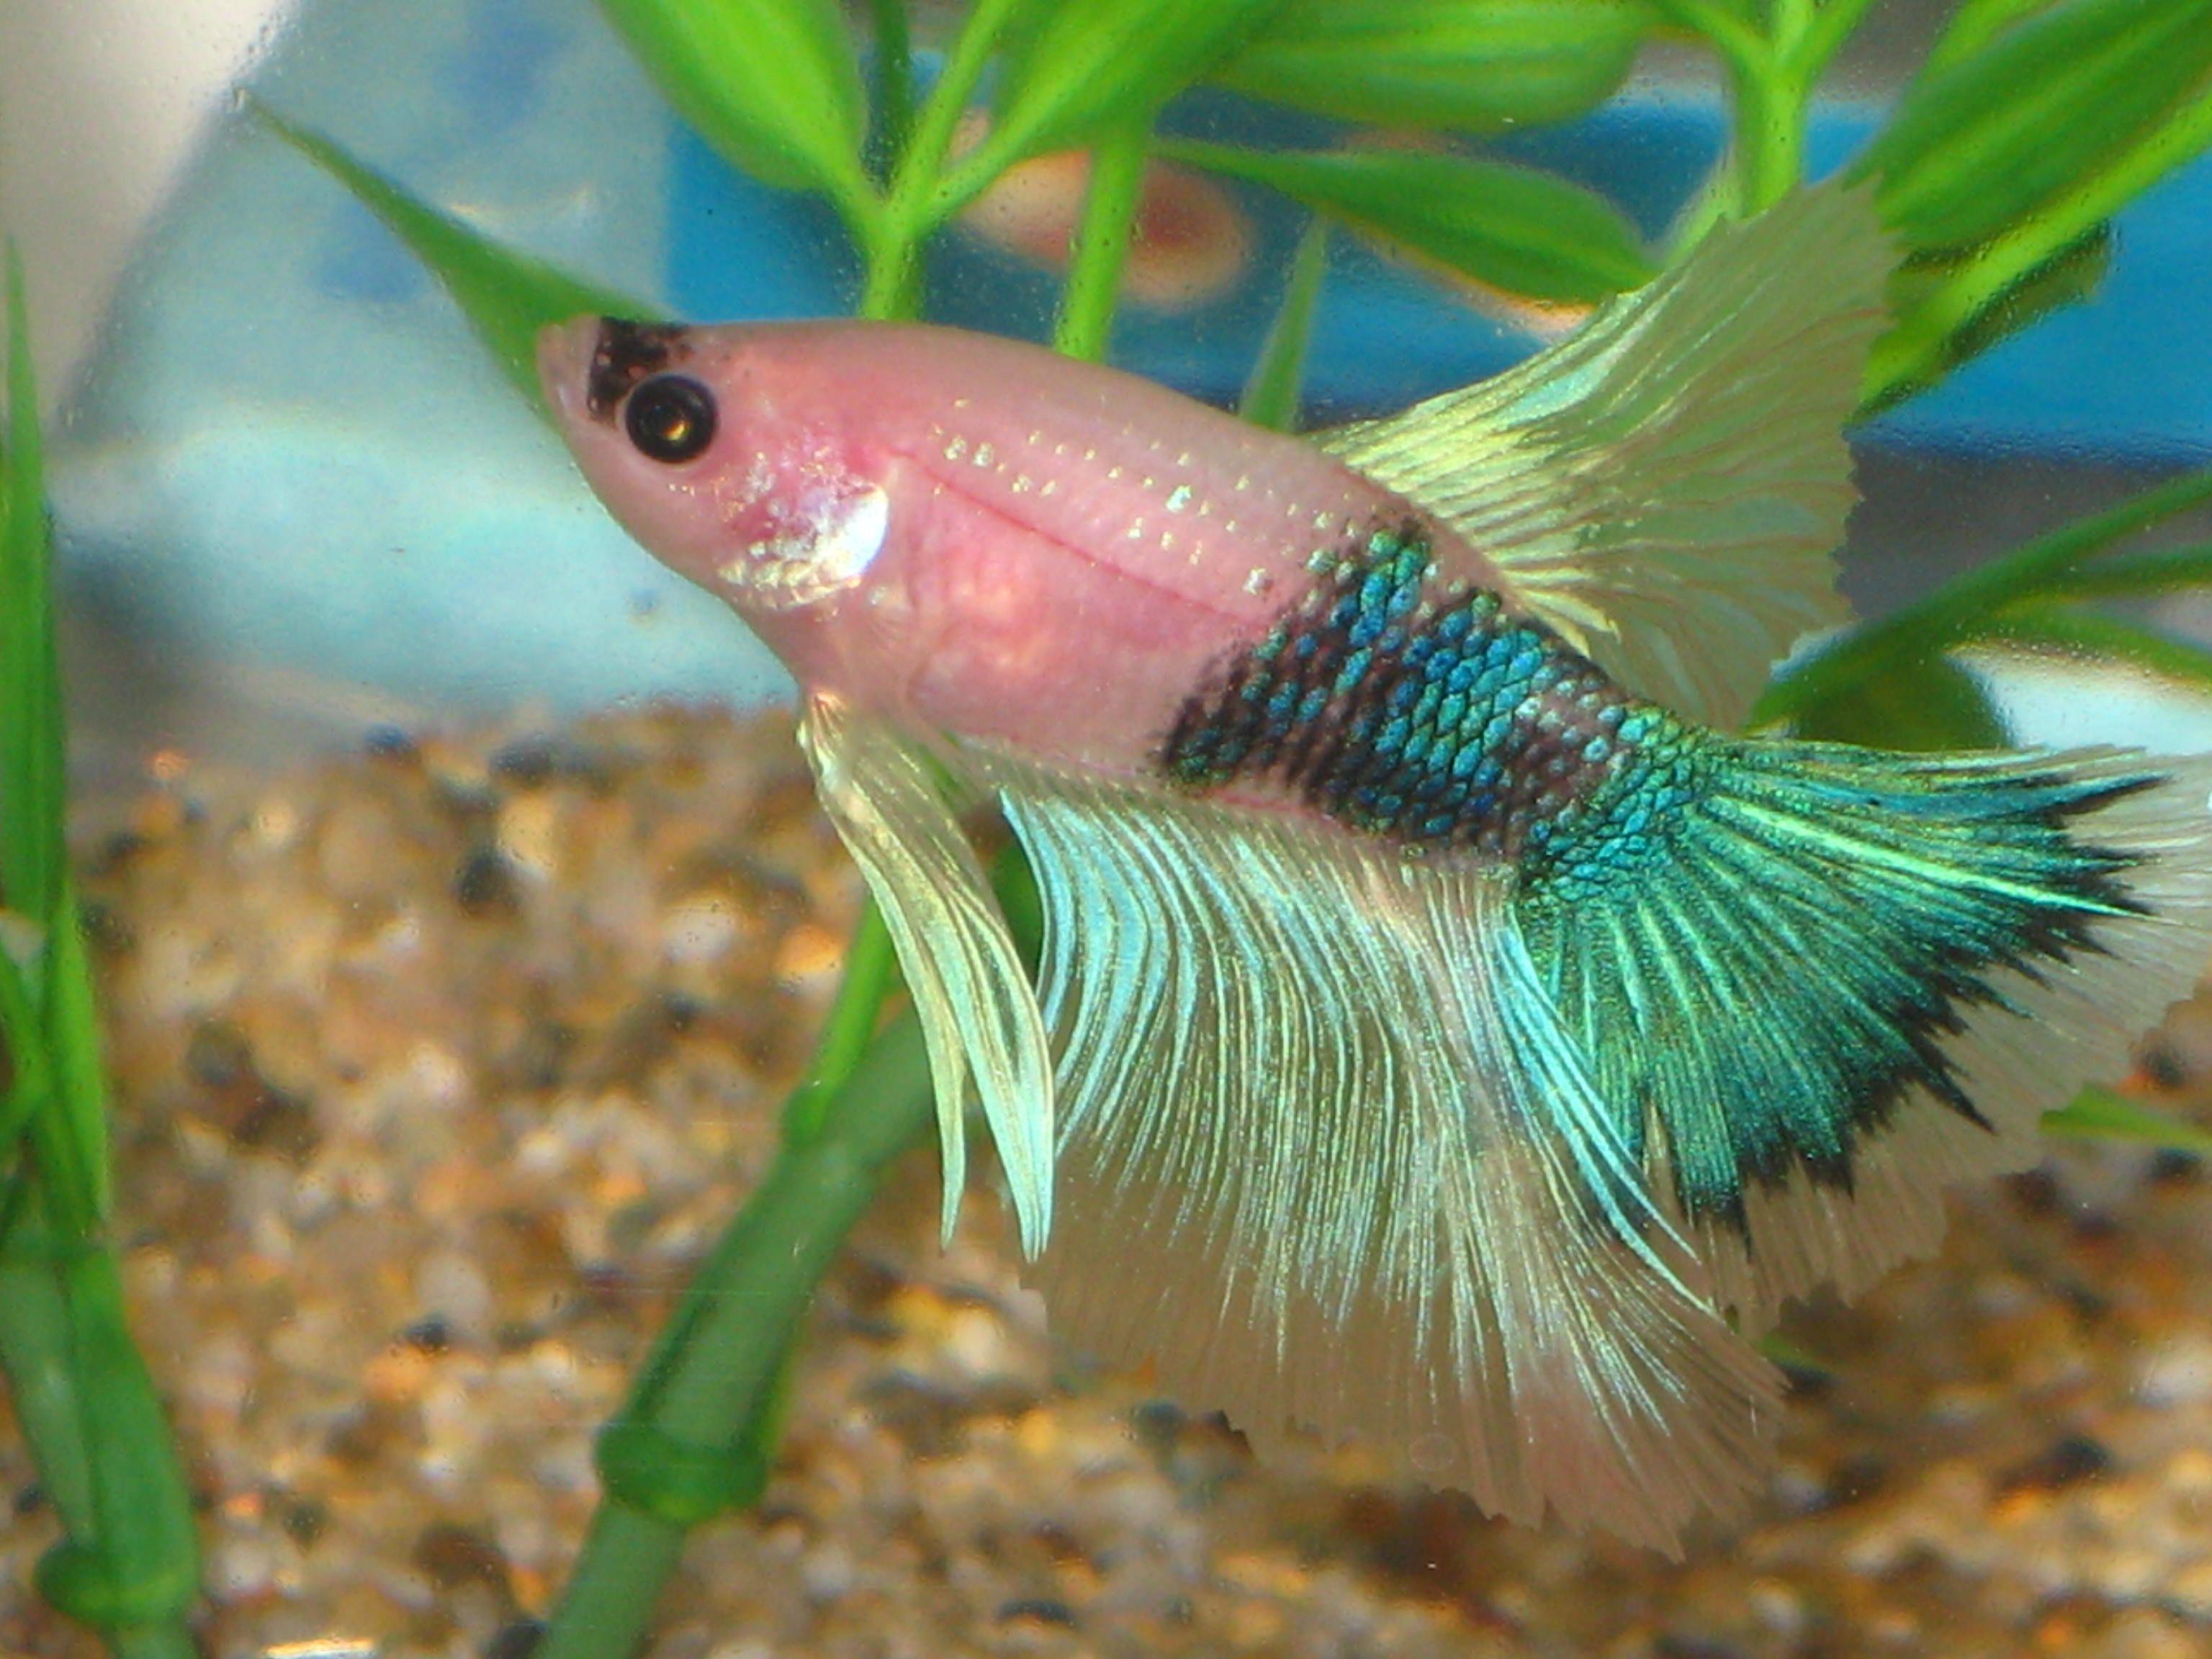 my betta fish beauty queen | The fish whisperer | Pinterest | Betta ...